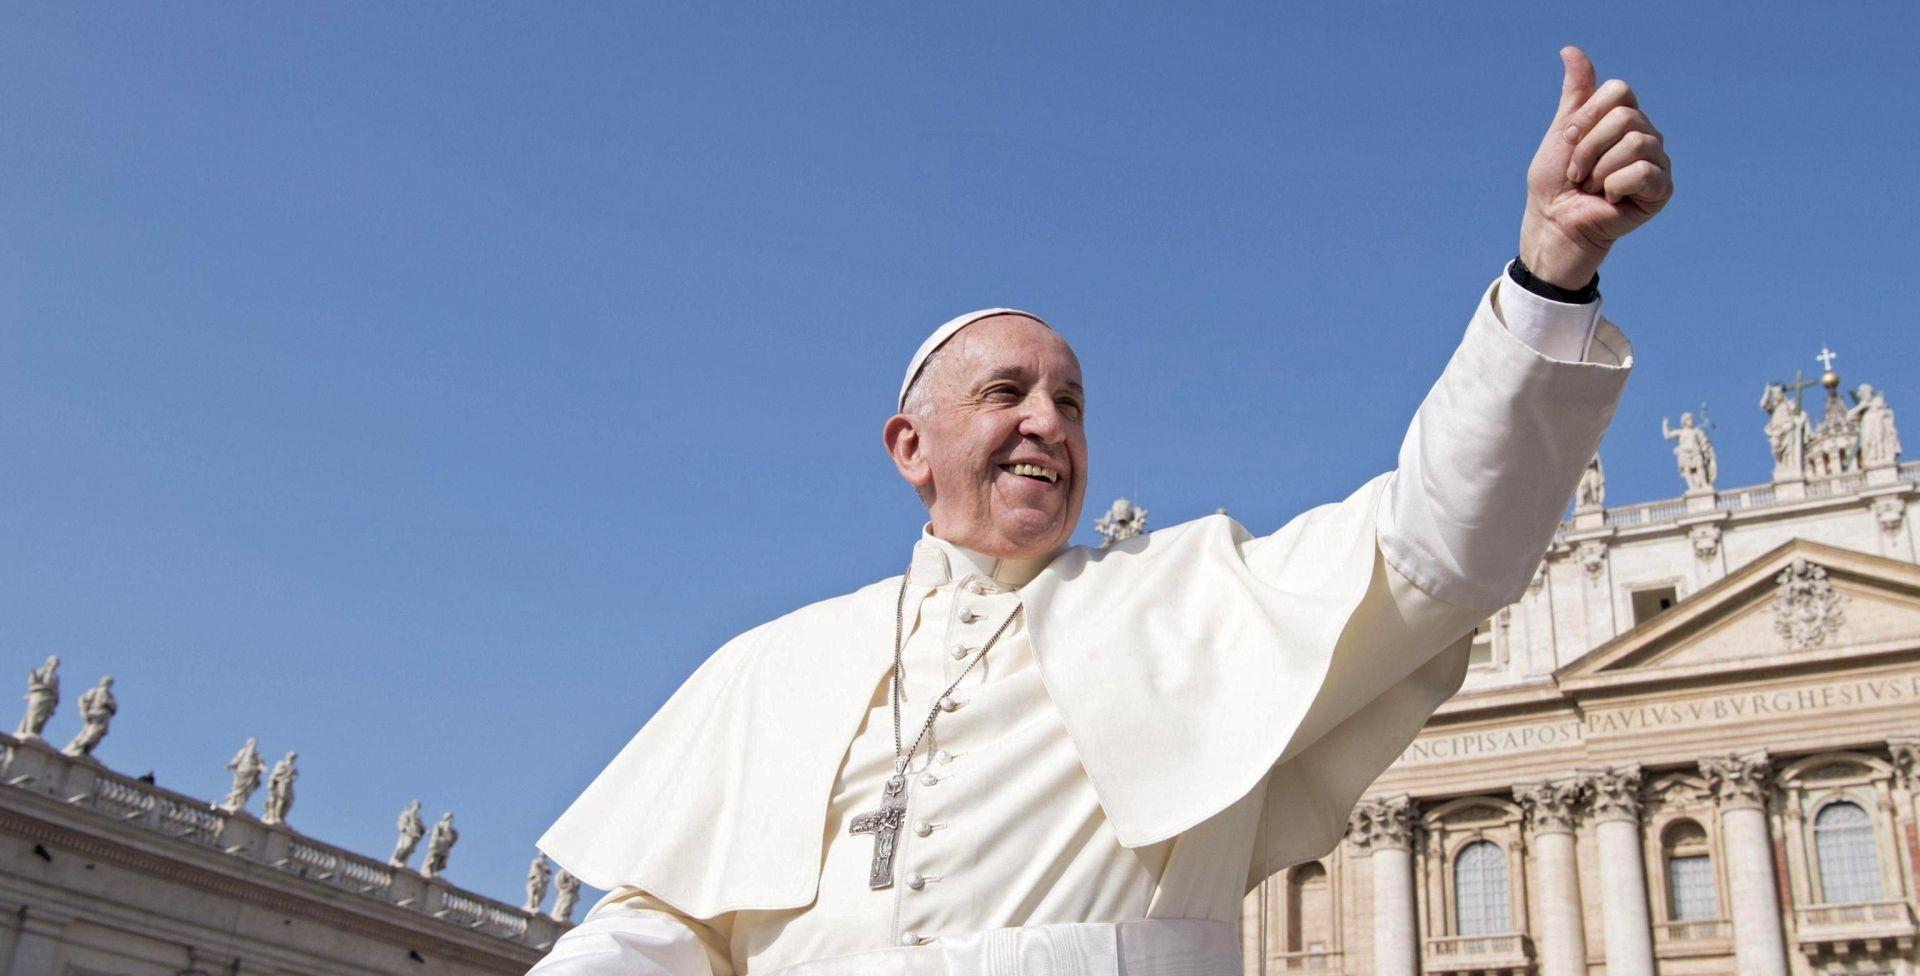 'SVETI DIM' Papa zabranio prodaju cigareta u Vatikanu